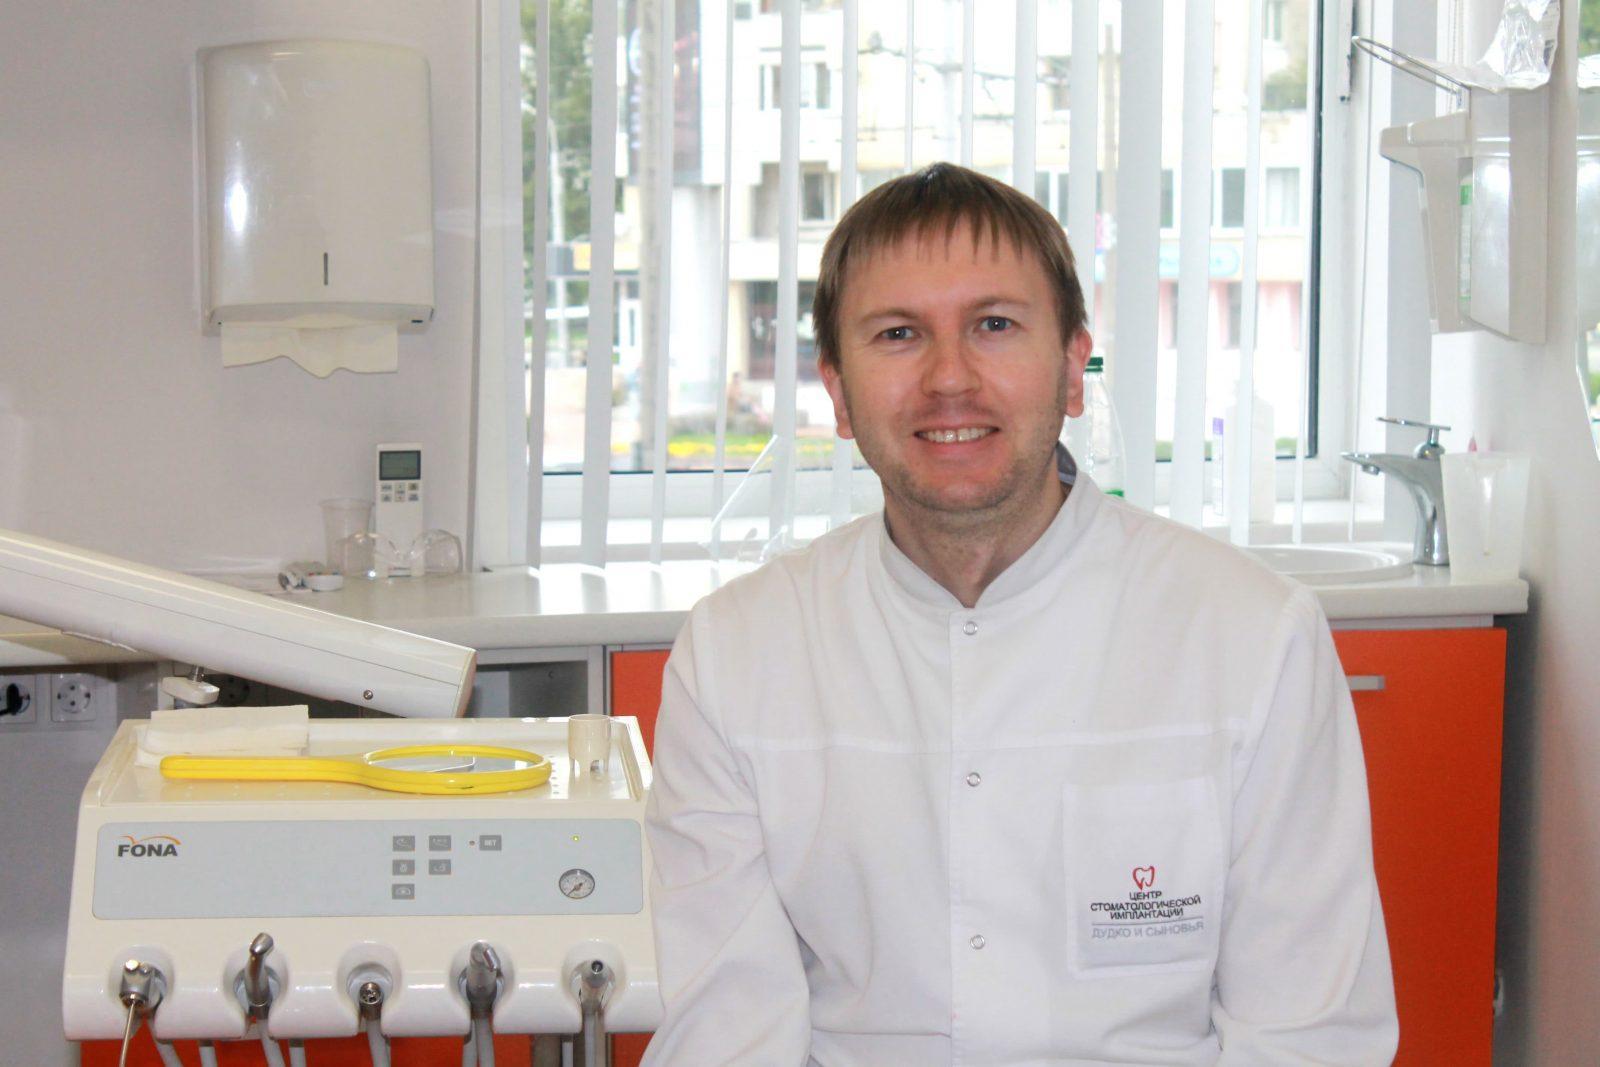 Пажлаков Павел Анатольевич стоматолог-терапевт